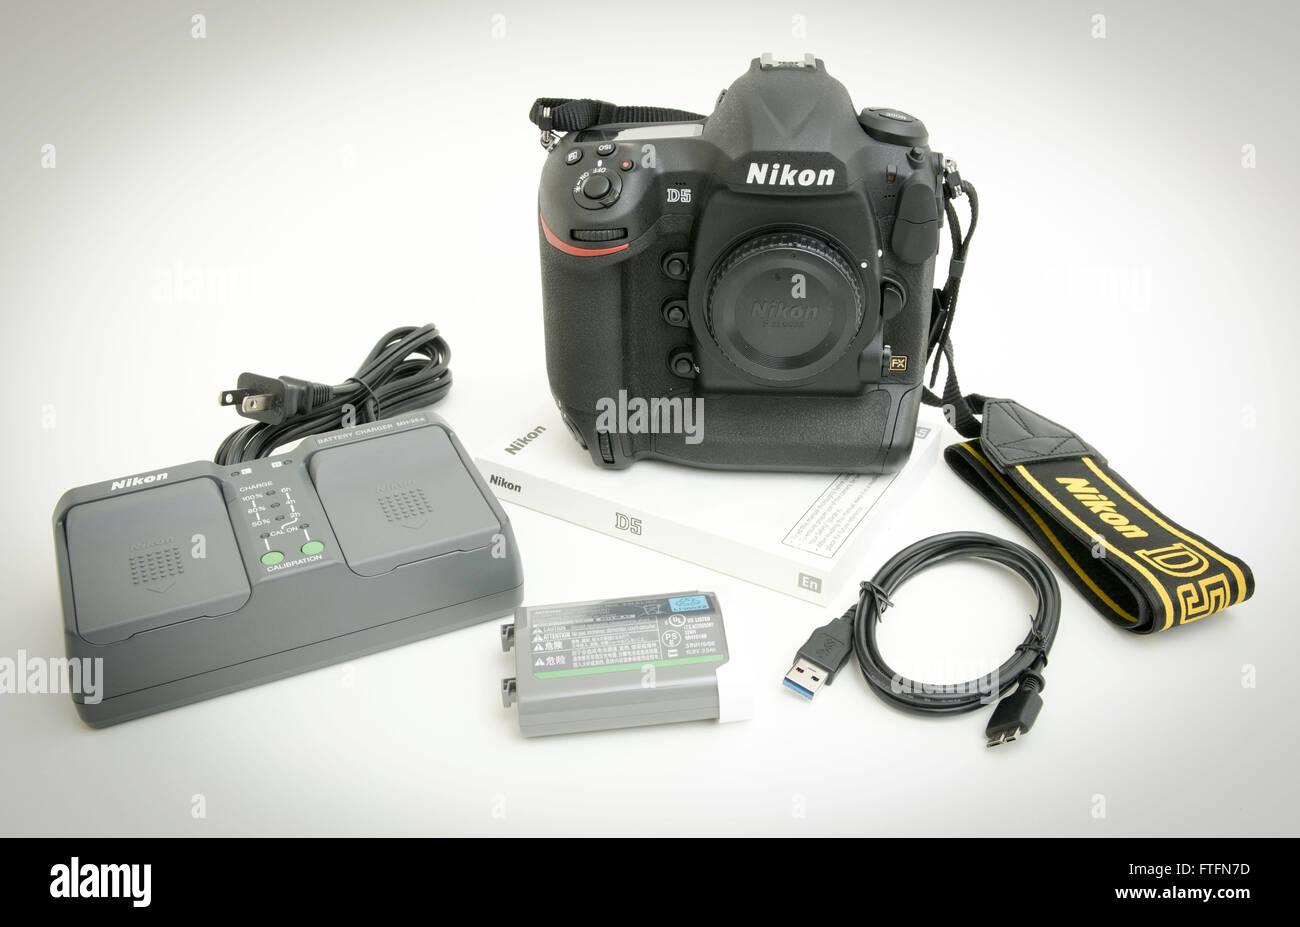 Excepcional Cuál Es La Mejor Cámara De Fotograma Completo Nikon ...